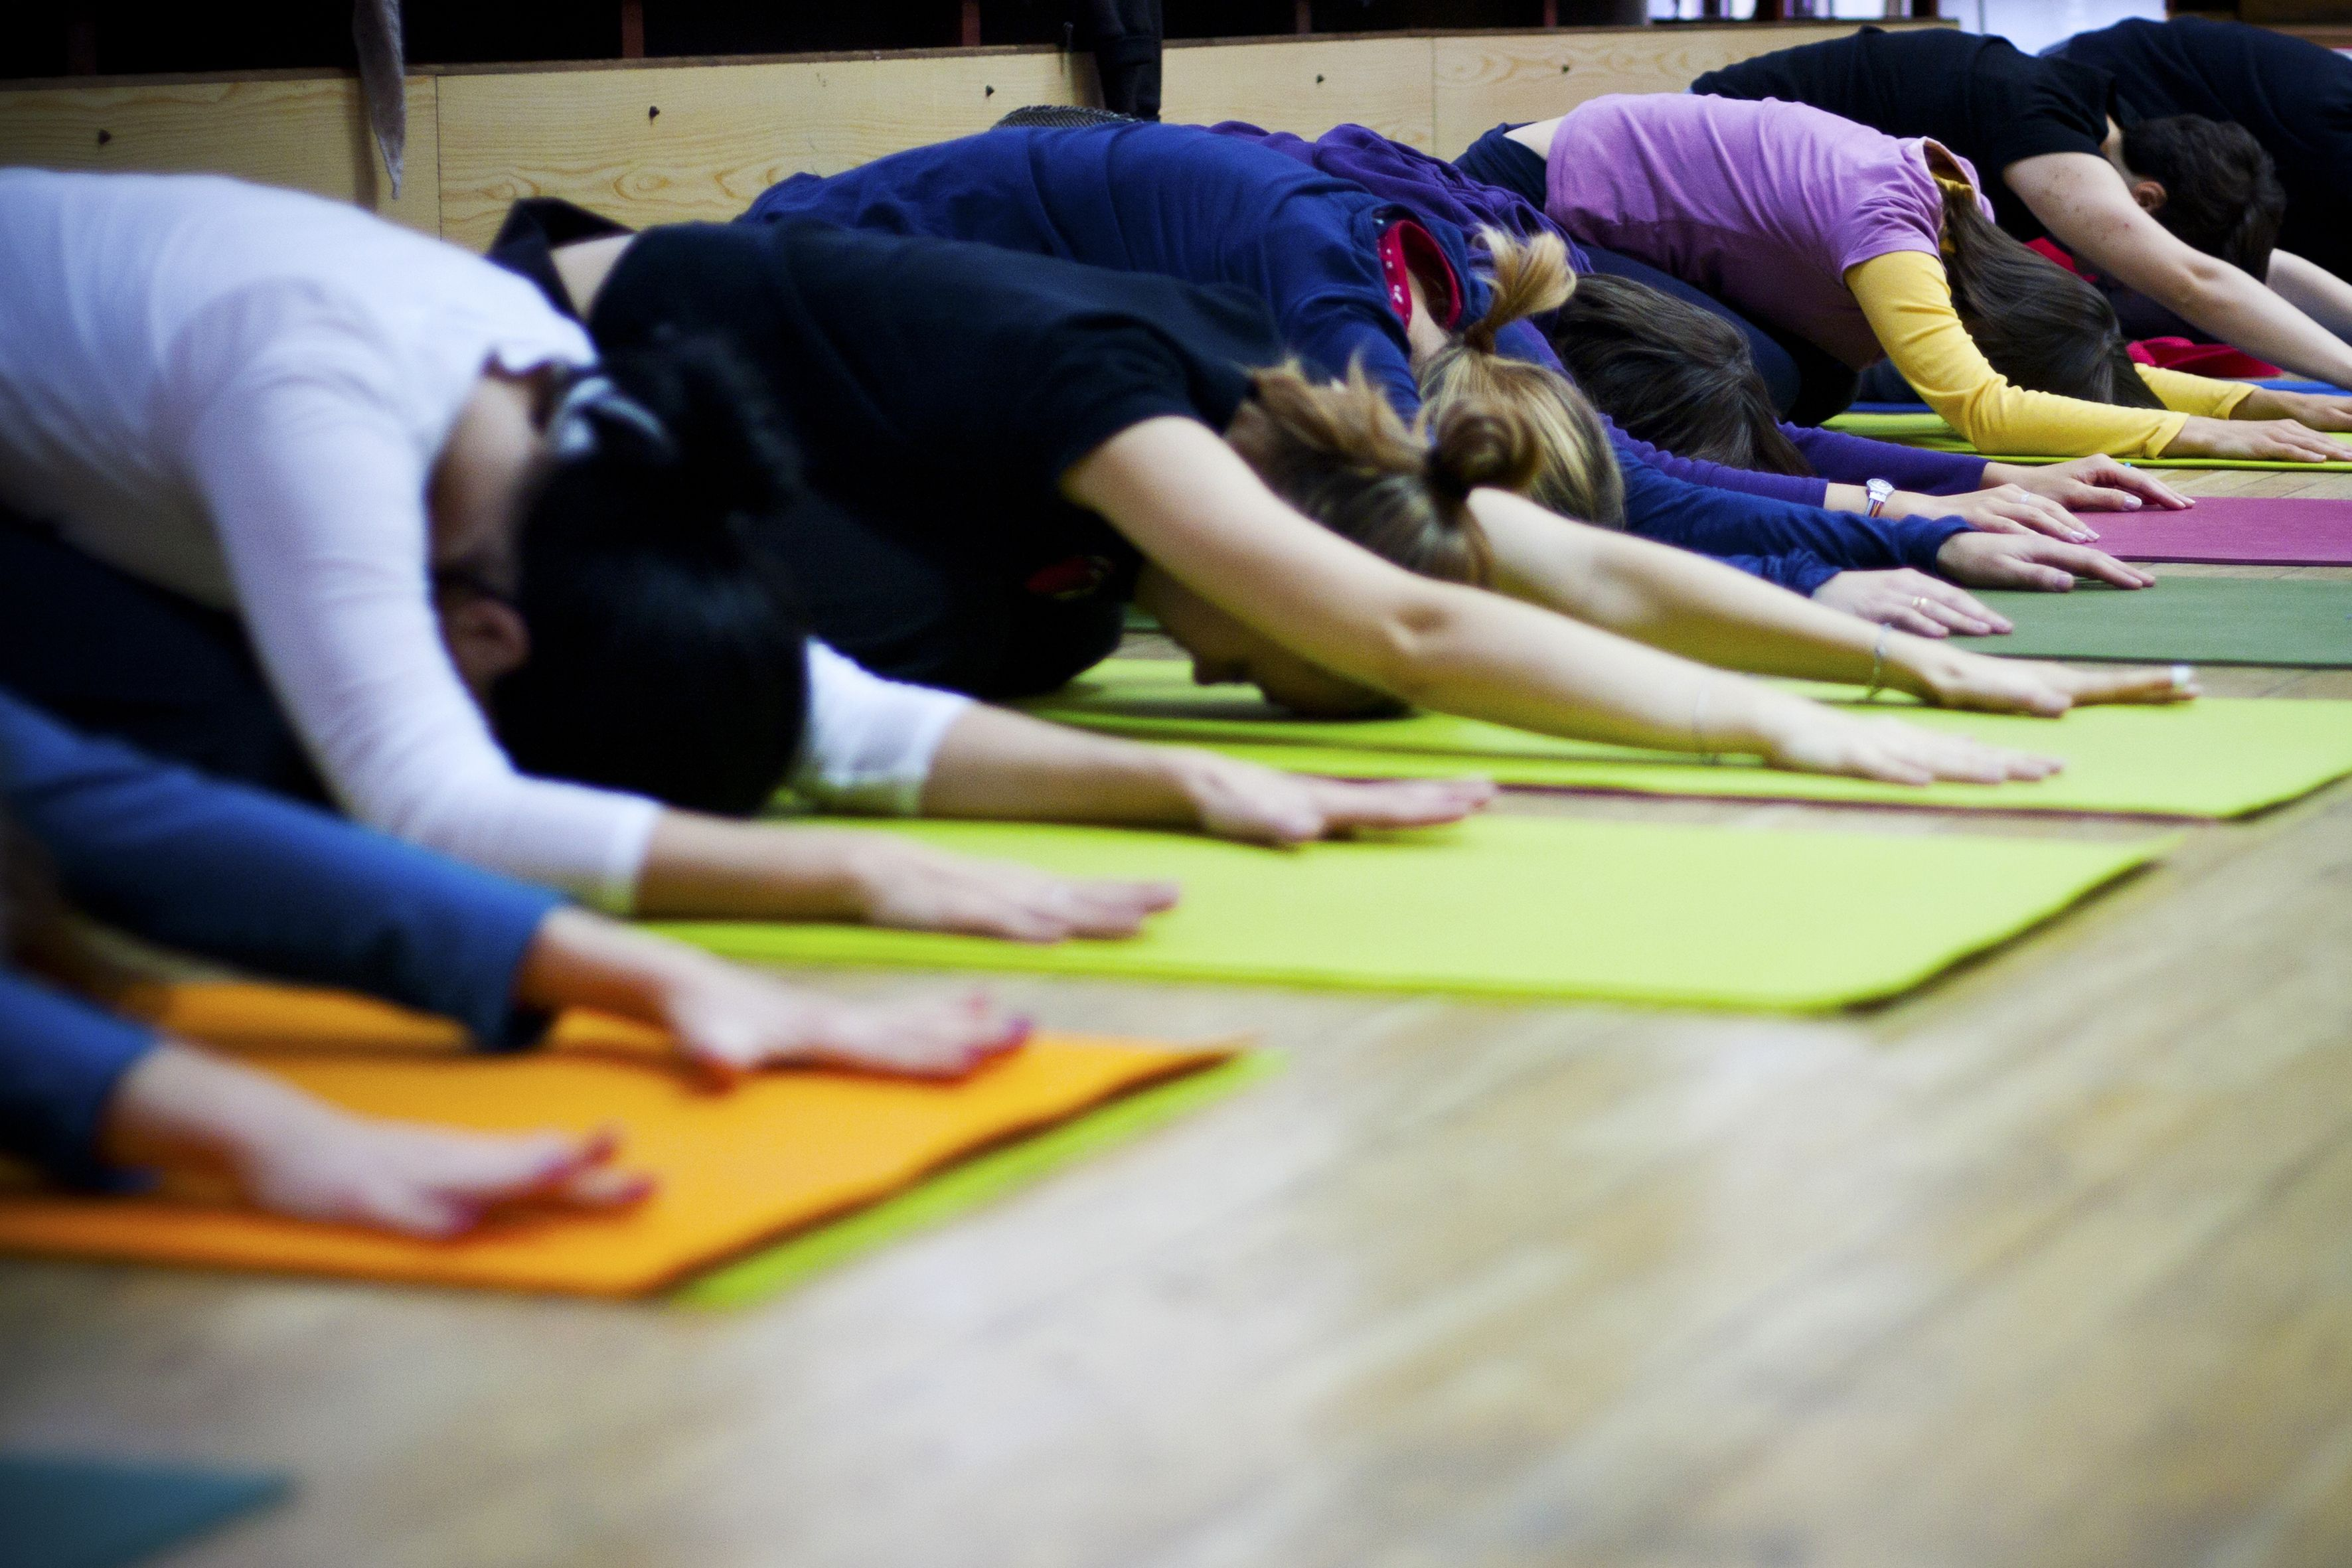 Terapia jogą/praktyka asan: jak wpływać na efekty? Oto 5 podstawowych narzędzi!